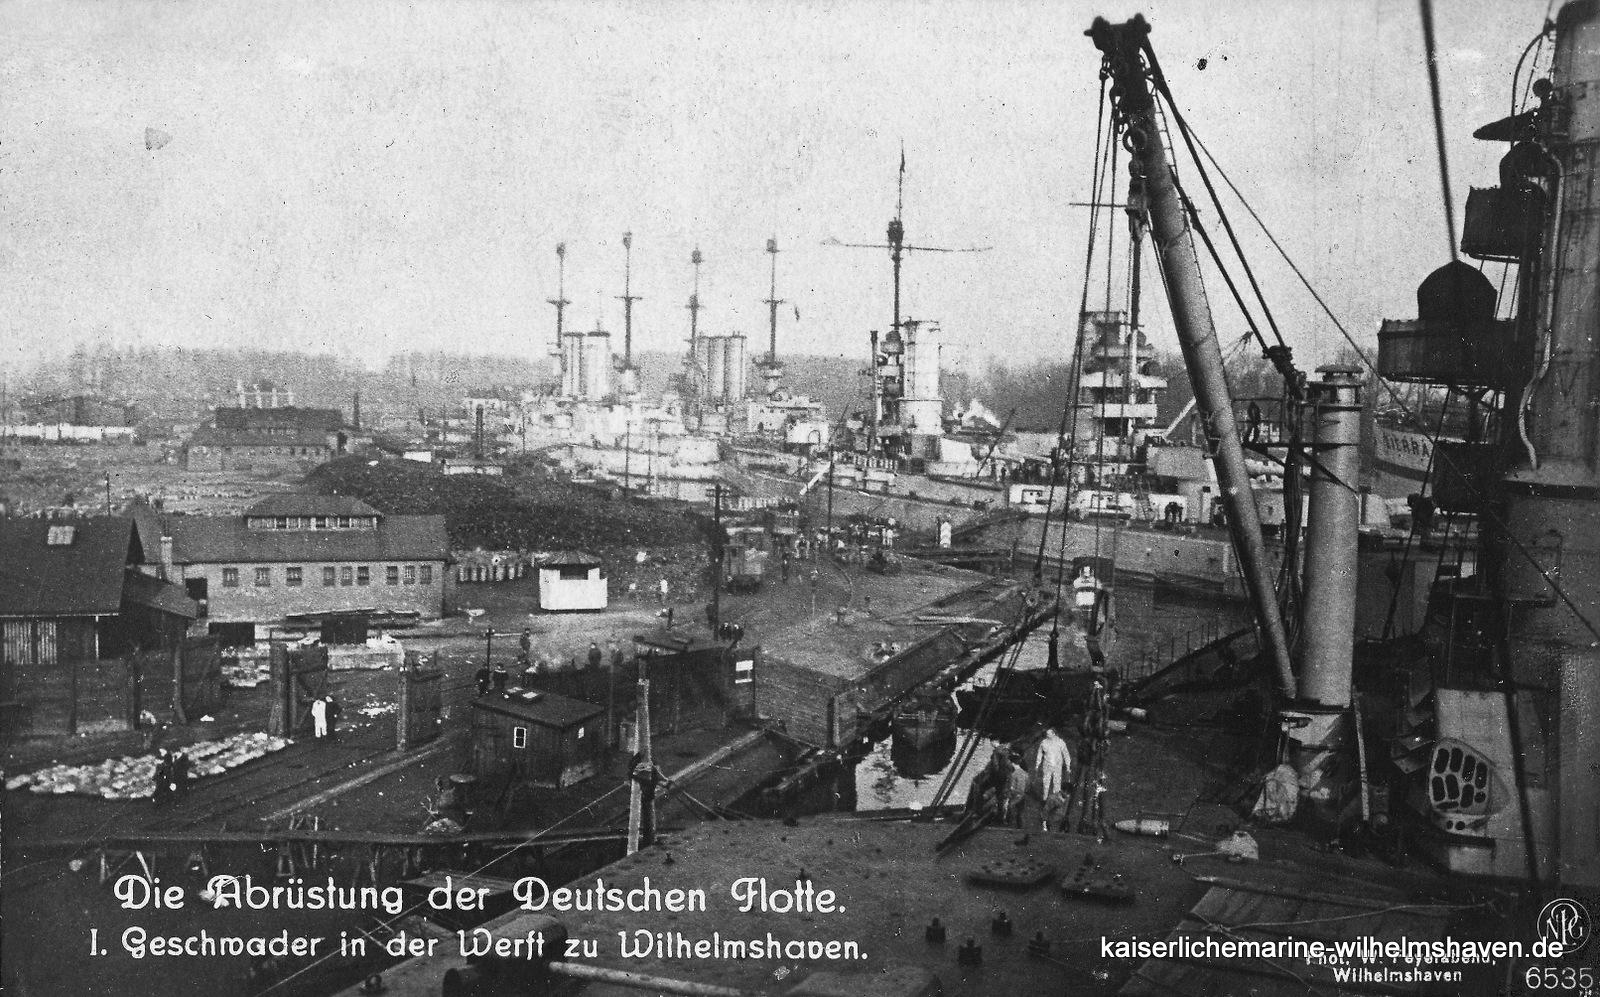 Kaiser-, Wittelsbach-, Braunschweig-Klasse